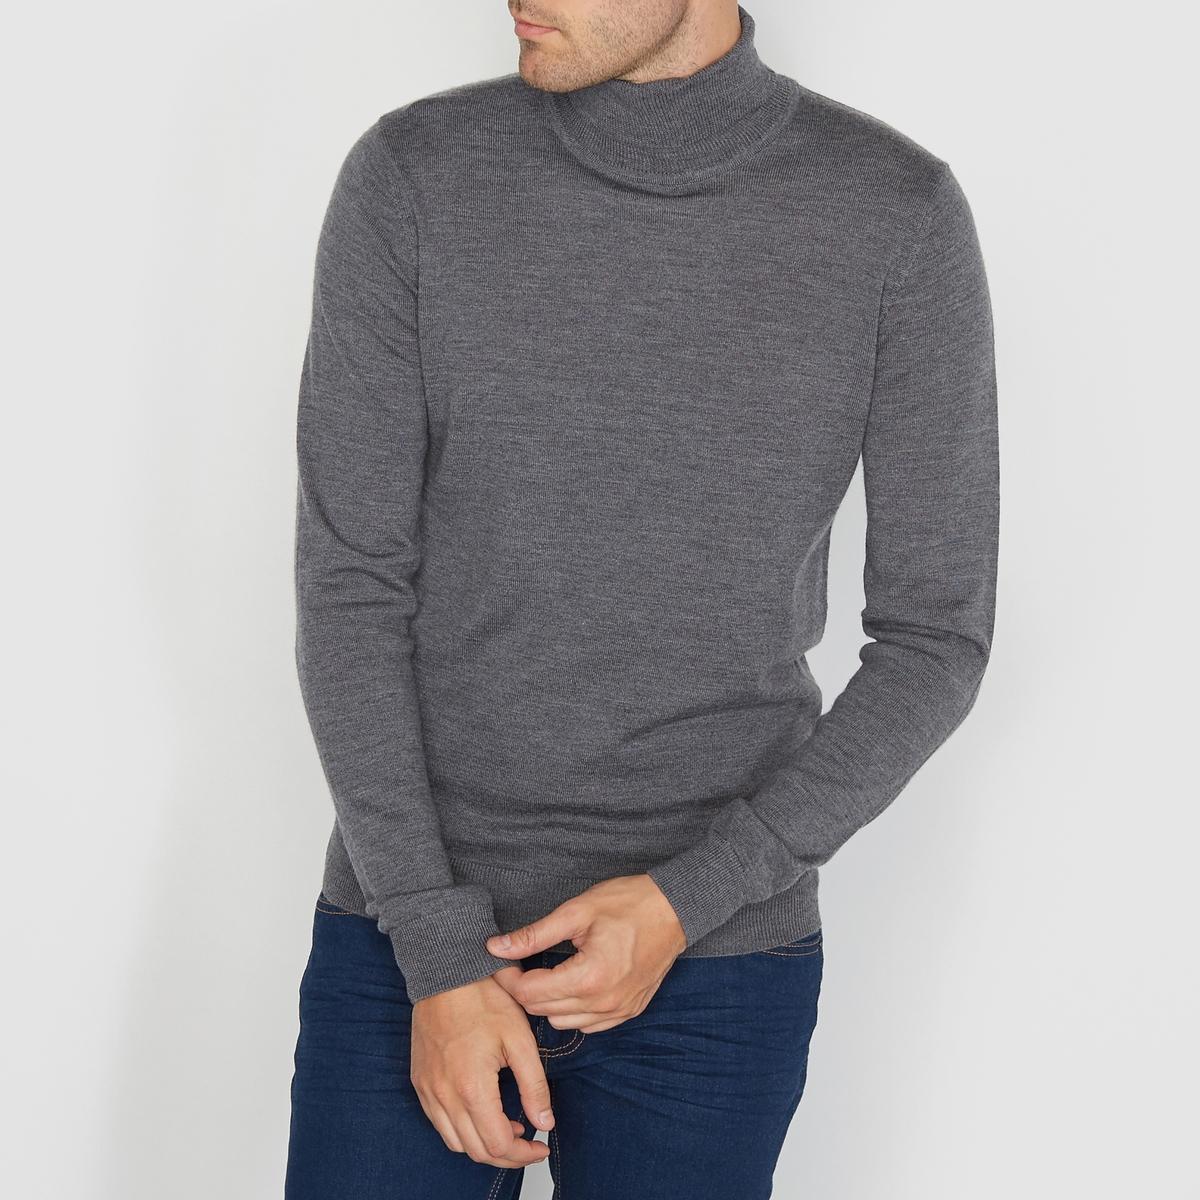 Пуловер с отворачивающимся воротником из шерсти мериносаСостав и описание  :Материал : 100% шерсти мериноса.Длина :  68 смМарка : R essentiel.Уход : Обратите внимание на рекомендации по уходу на этикетке.<br><br>Цвет: серый меланж<br>Размер: XL